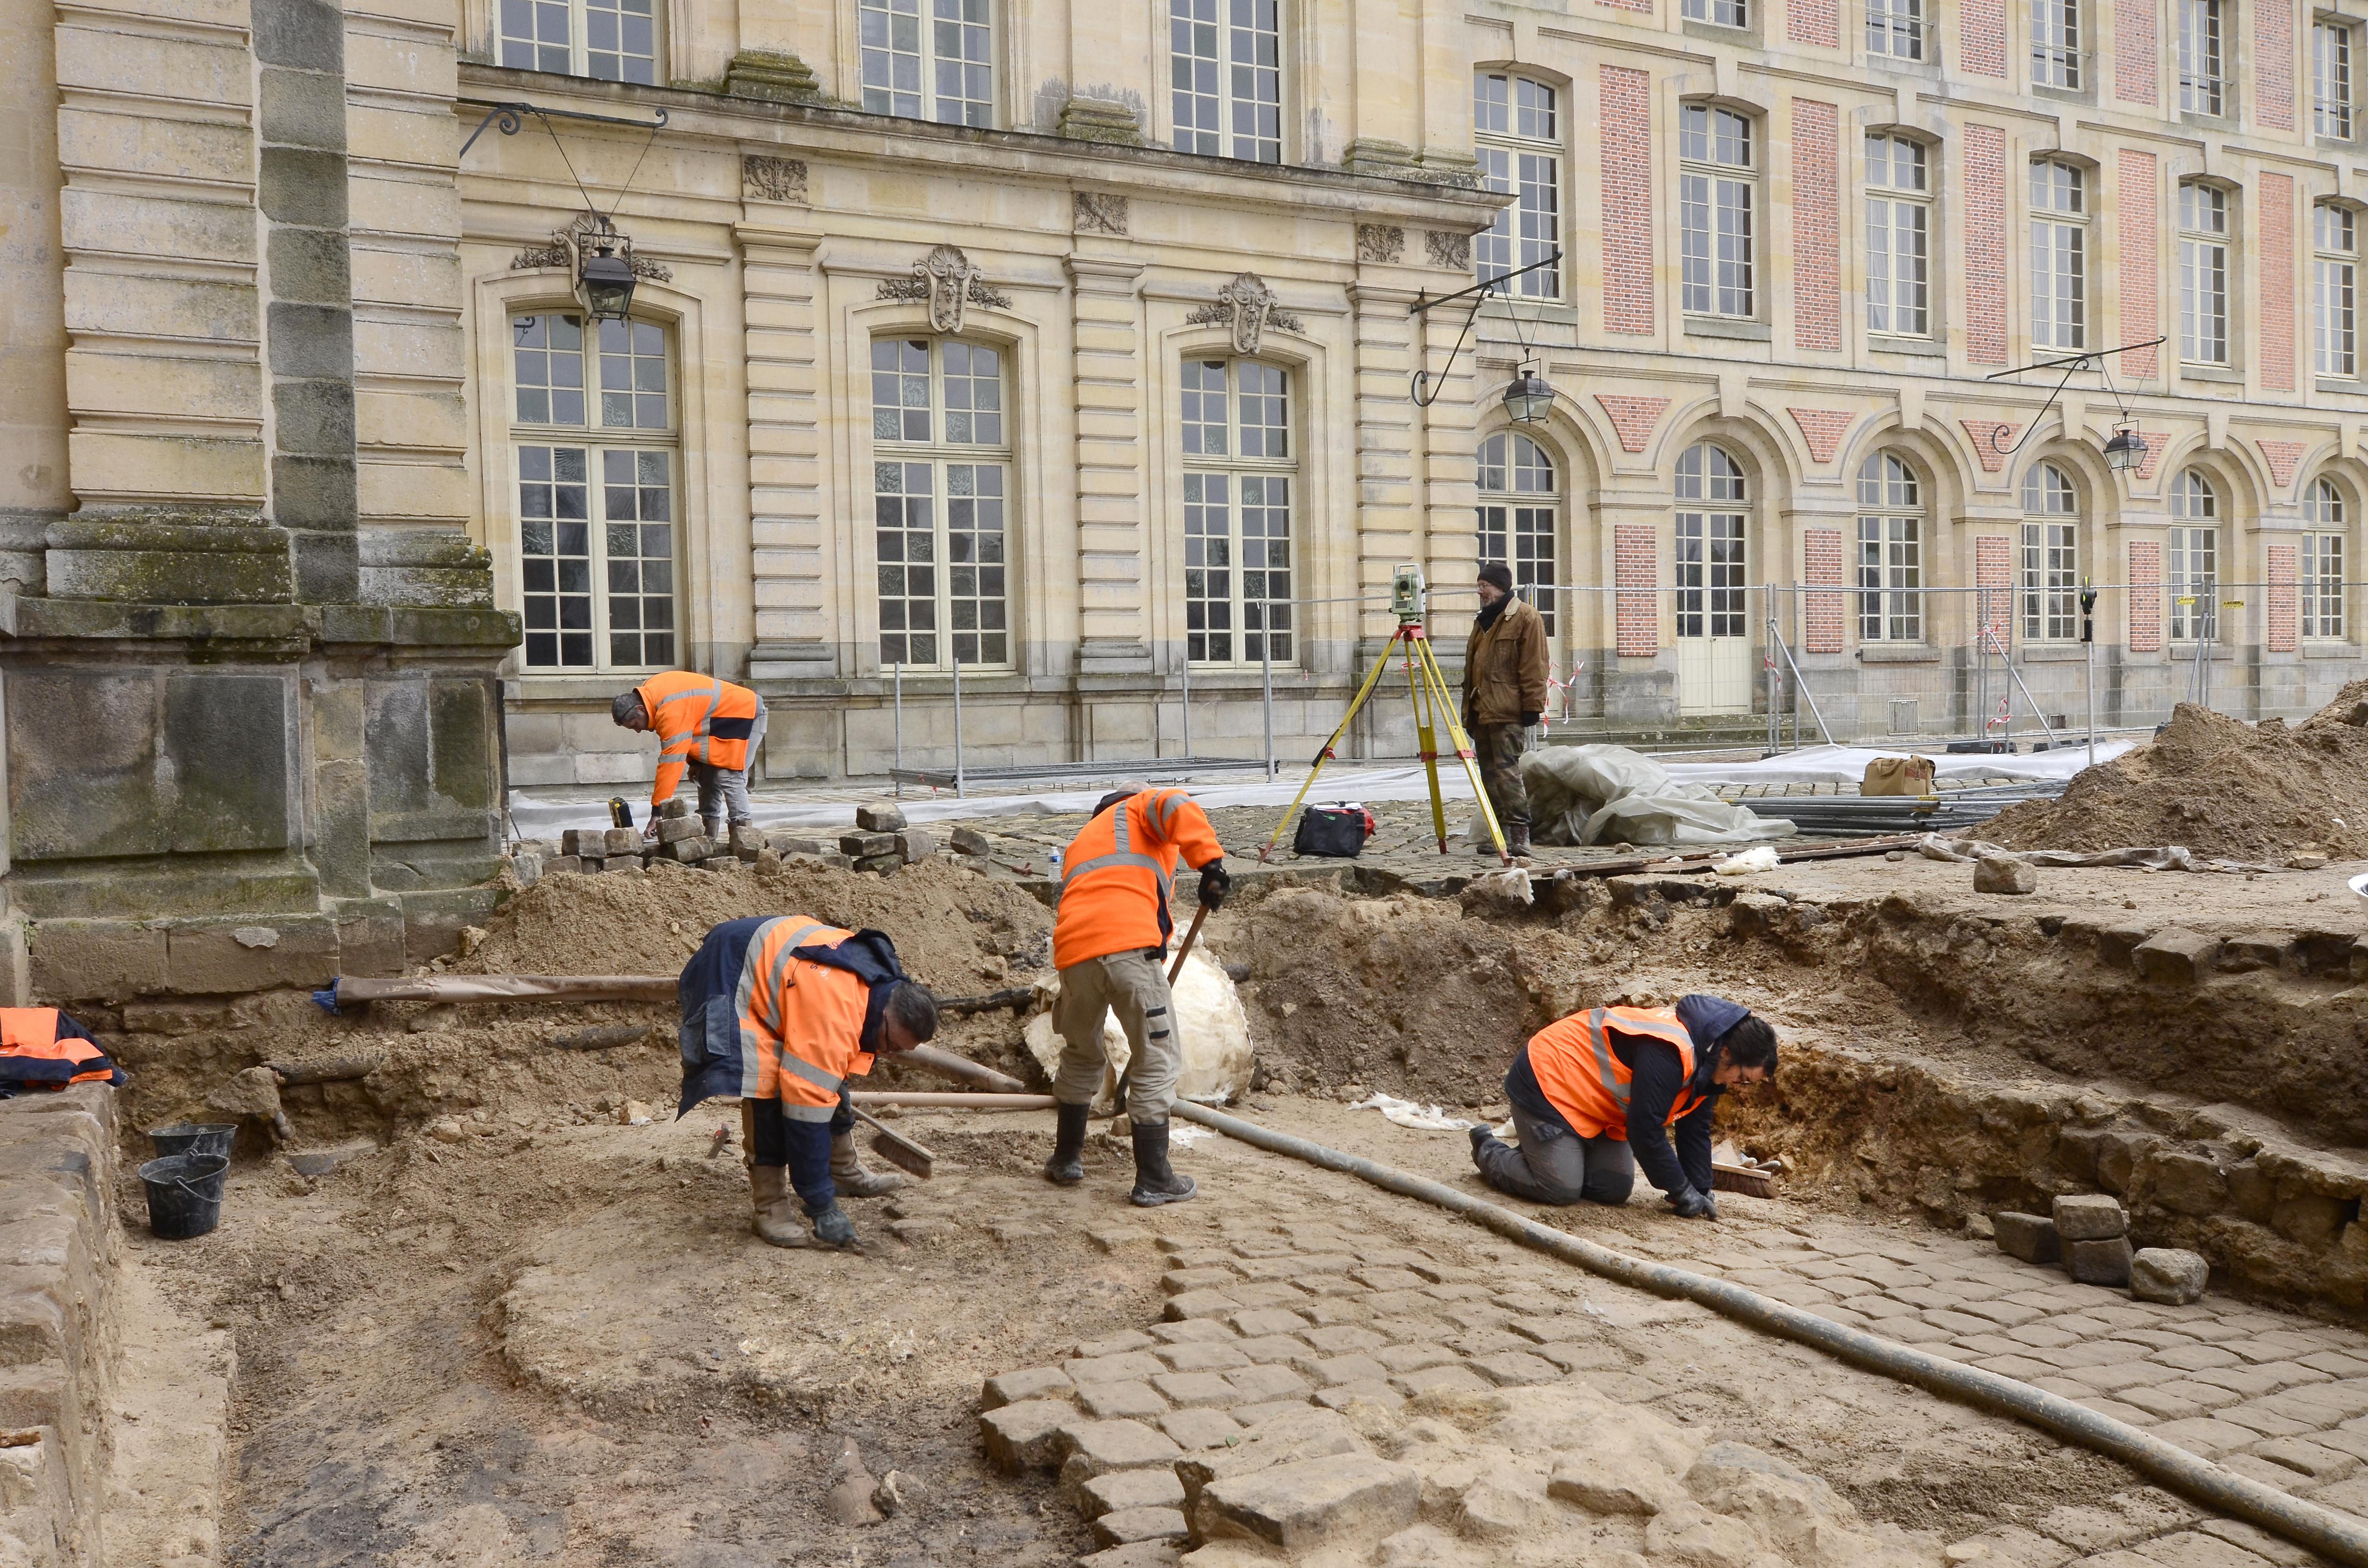 Des archéologues au cœur d'un monument historique